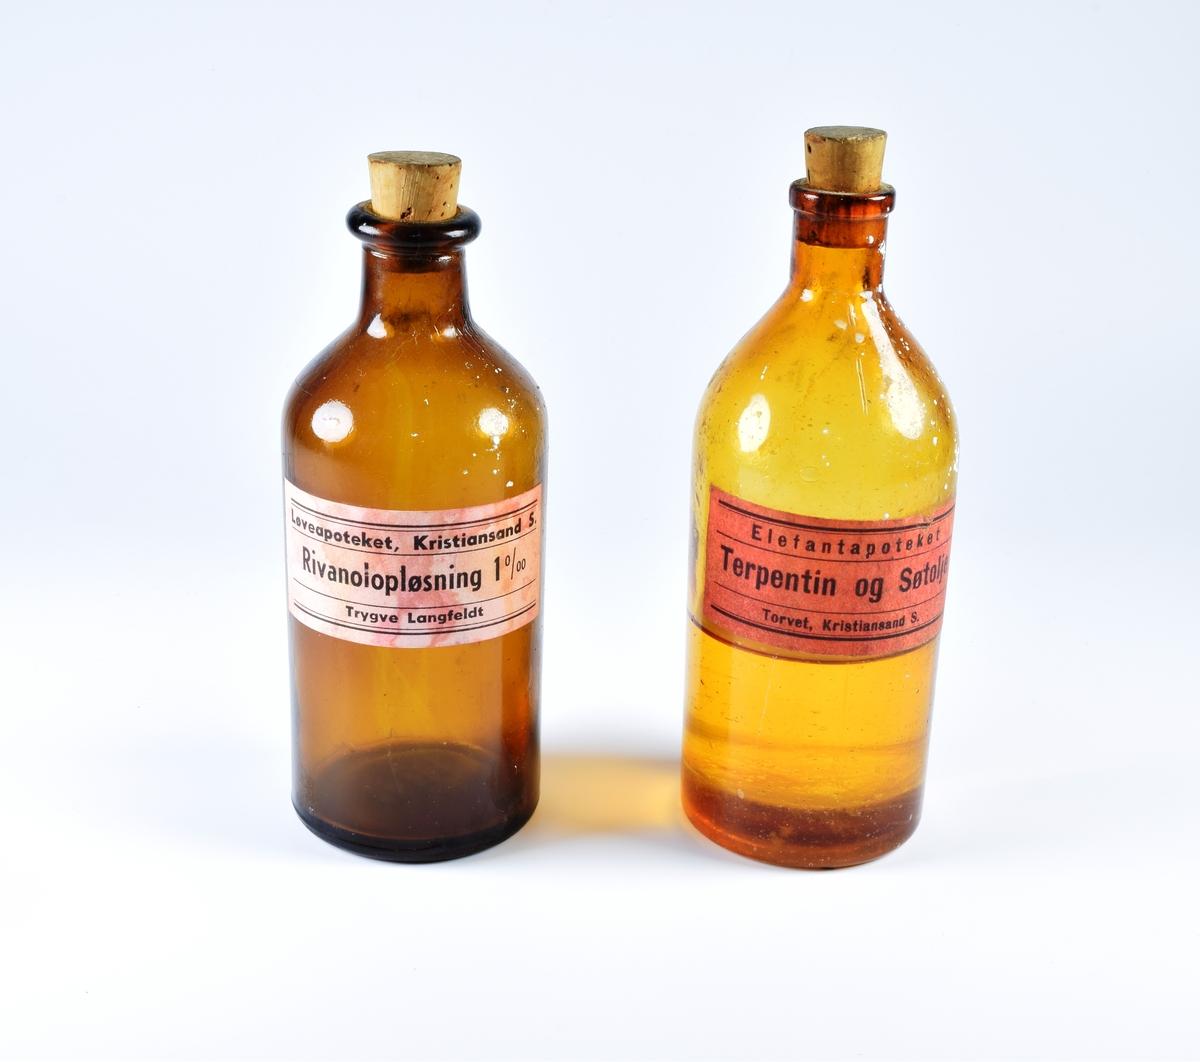 Syv sylindriske glassflasker i brunt glass med kork. Flaskene har ulik størrelse og fasong. Flere har rester av innhold.  a: Flaske med butte, avrundete skuldre og en sort og gul etikett med motiv av en dødningskalle. En tøyfille er trykket ned i flaskens hals.  b: Reseptflaske fra 1950 med hvit og blå etikett fra Svaneapoteket.  c: Flaske med slanke, avrundete skuldre med rosa etikett med sorte border og sort skrift. Flasken har inneholdt terpentin og søtolje.  d: Tom glassflaske med rosa etikett med sorte border og sort skrift. Flasken har inneholdt rivanoloppløsning.  e: Tom, liten glassflaske med riller på skulderene og uten etikett.  f: Liten glassflaske med to riller som går fra flaskens hals og ned. Rillene er plassert på hver sin side. Flasken har en rosa etikett med sorte border og sort skrift som er teipet på. Innholdet er bevart og flasken er nesten full.  g: Liten flaske med gummikork og rosa etikett med motiv av en hodeskalle og sorte border og sort skrift. Det er rester av innhold i flasken.